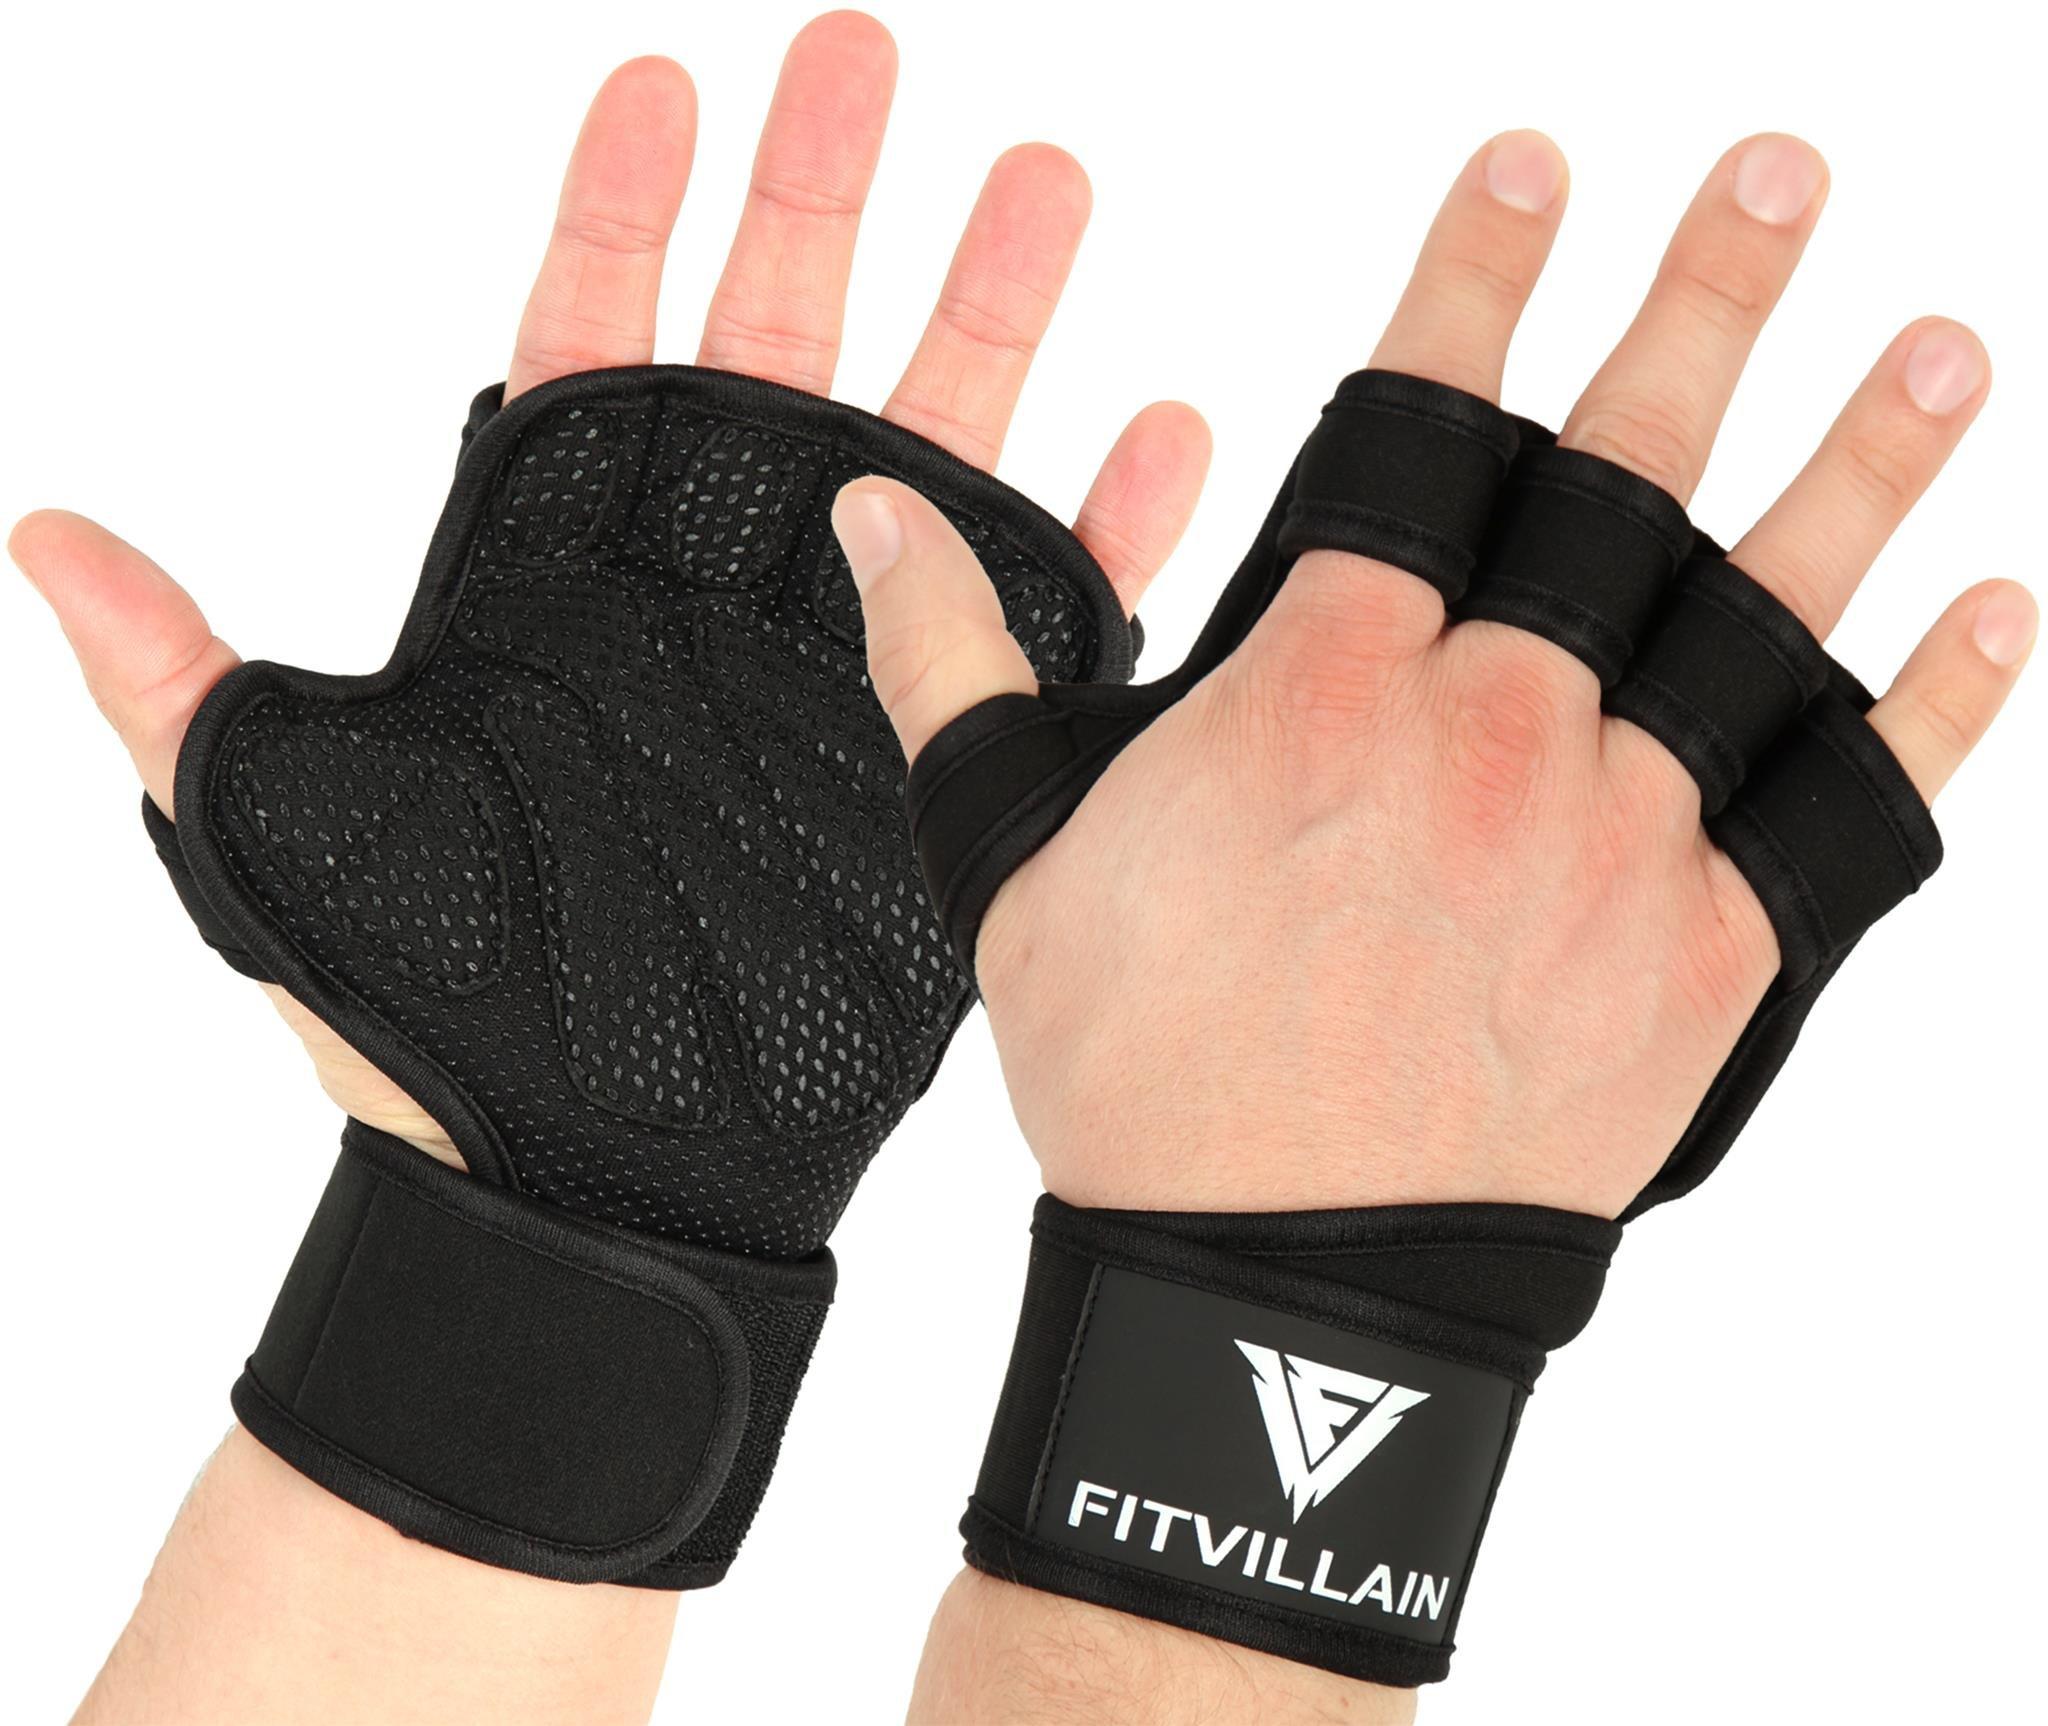 Guantes de Crossfit para Gimnasio Entrenamiento - Calleras de Neopreno Acolchado sin Dedos con Protección de